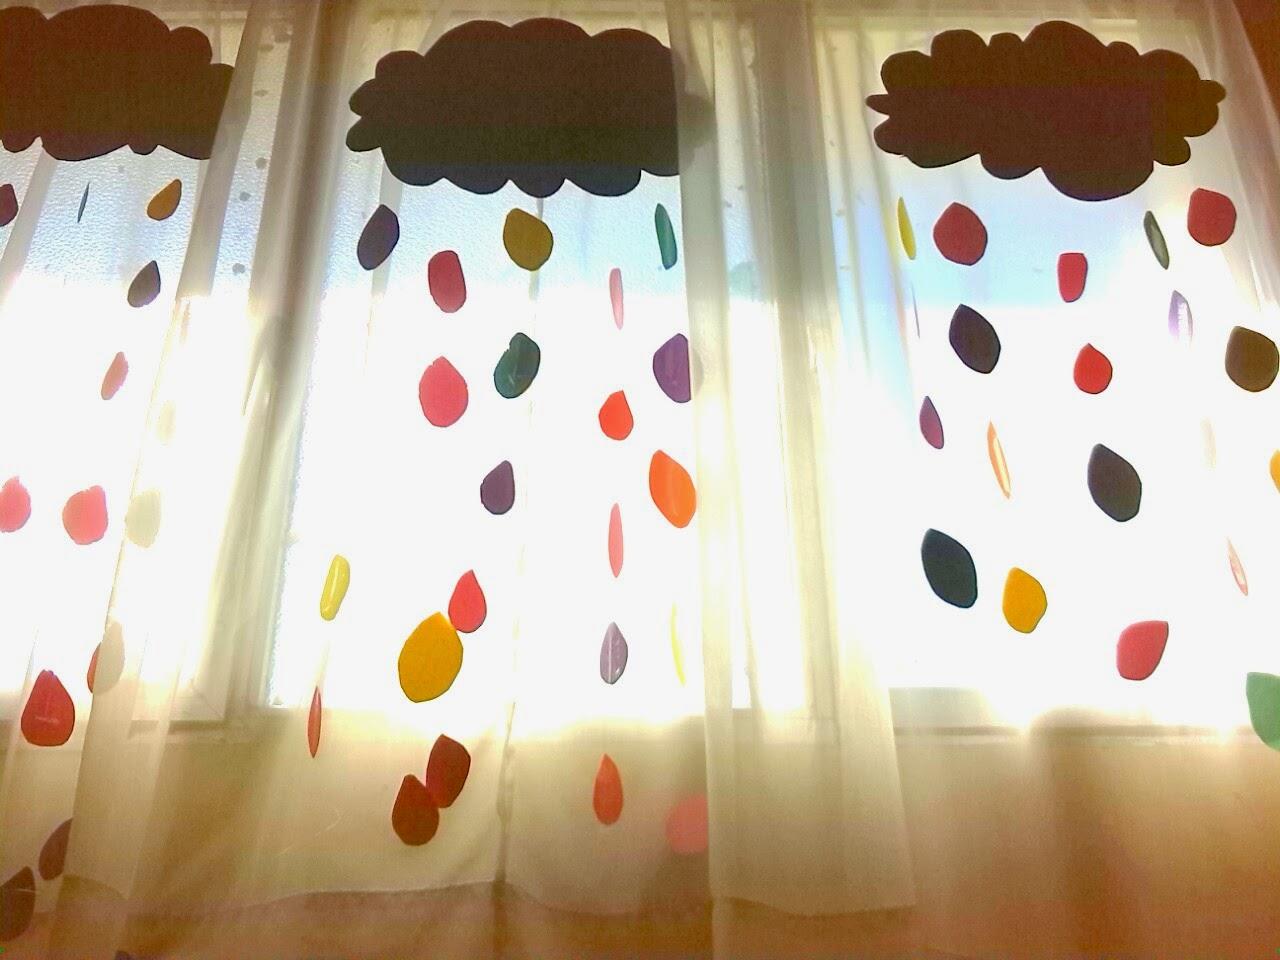 Magnfico Decoracin Infantil Otoo Ilustracin Ideas de Decoracin